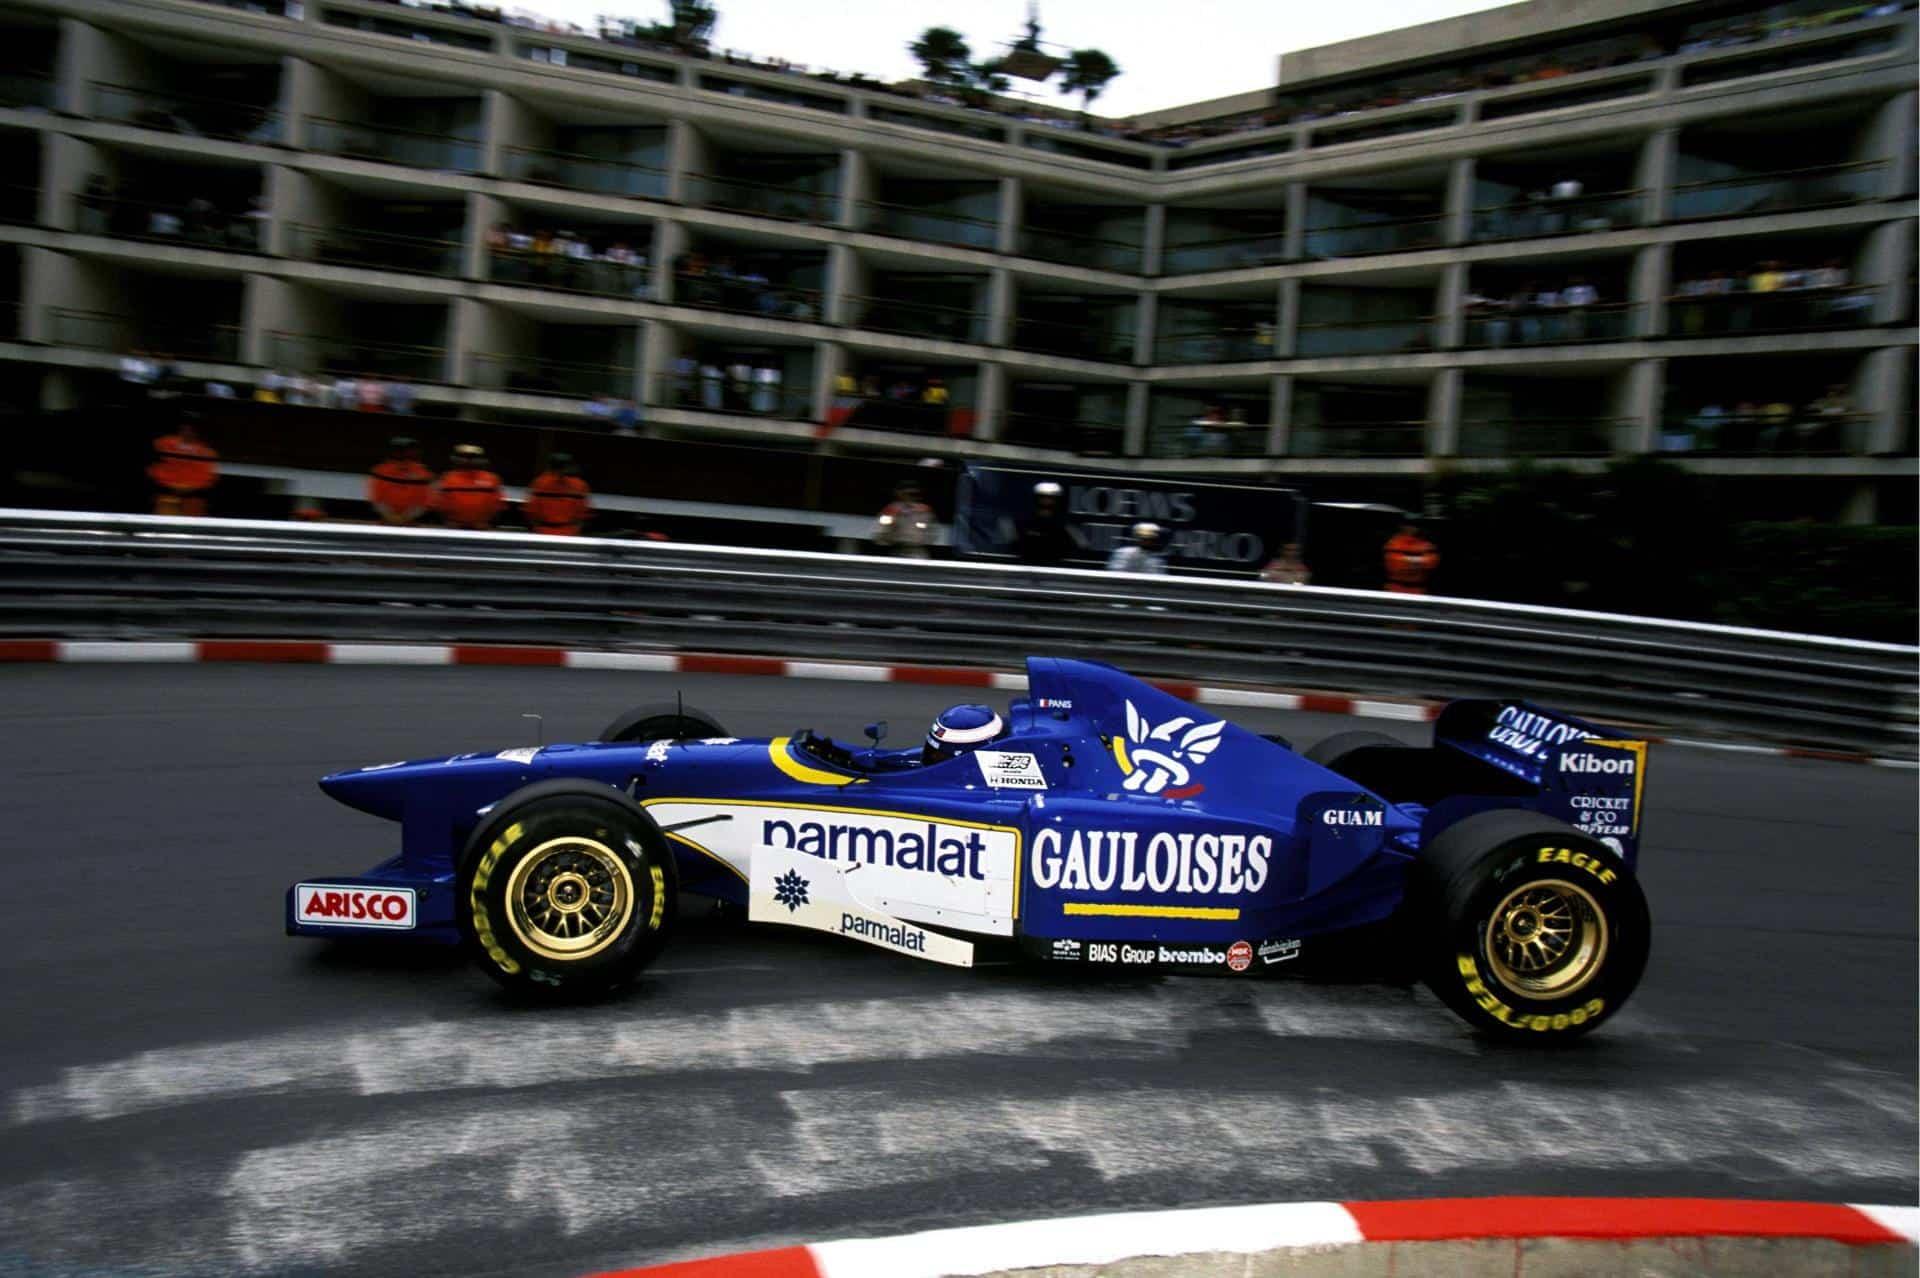 Panis Ligier Monaco F1 1996 Foto imgur